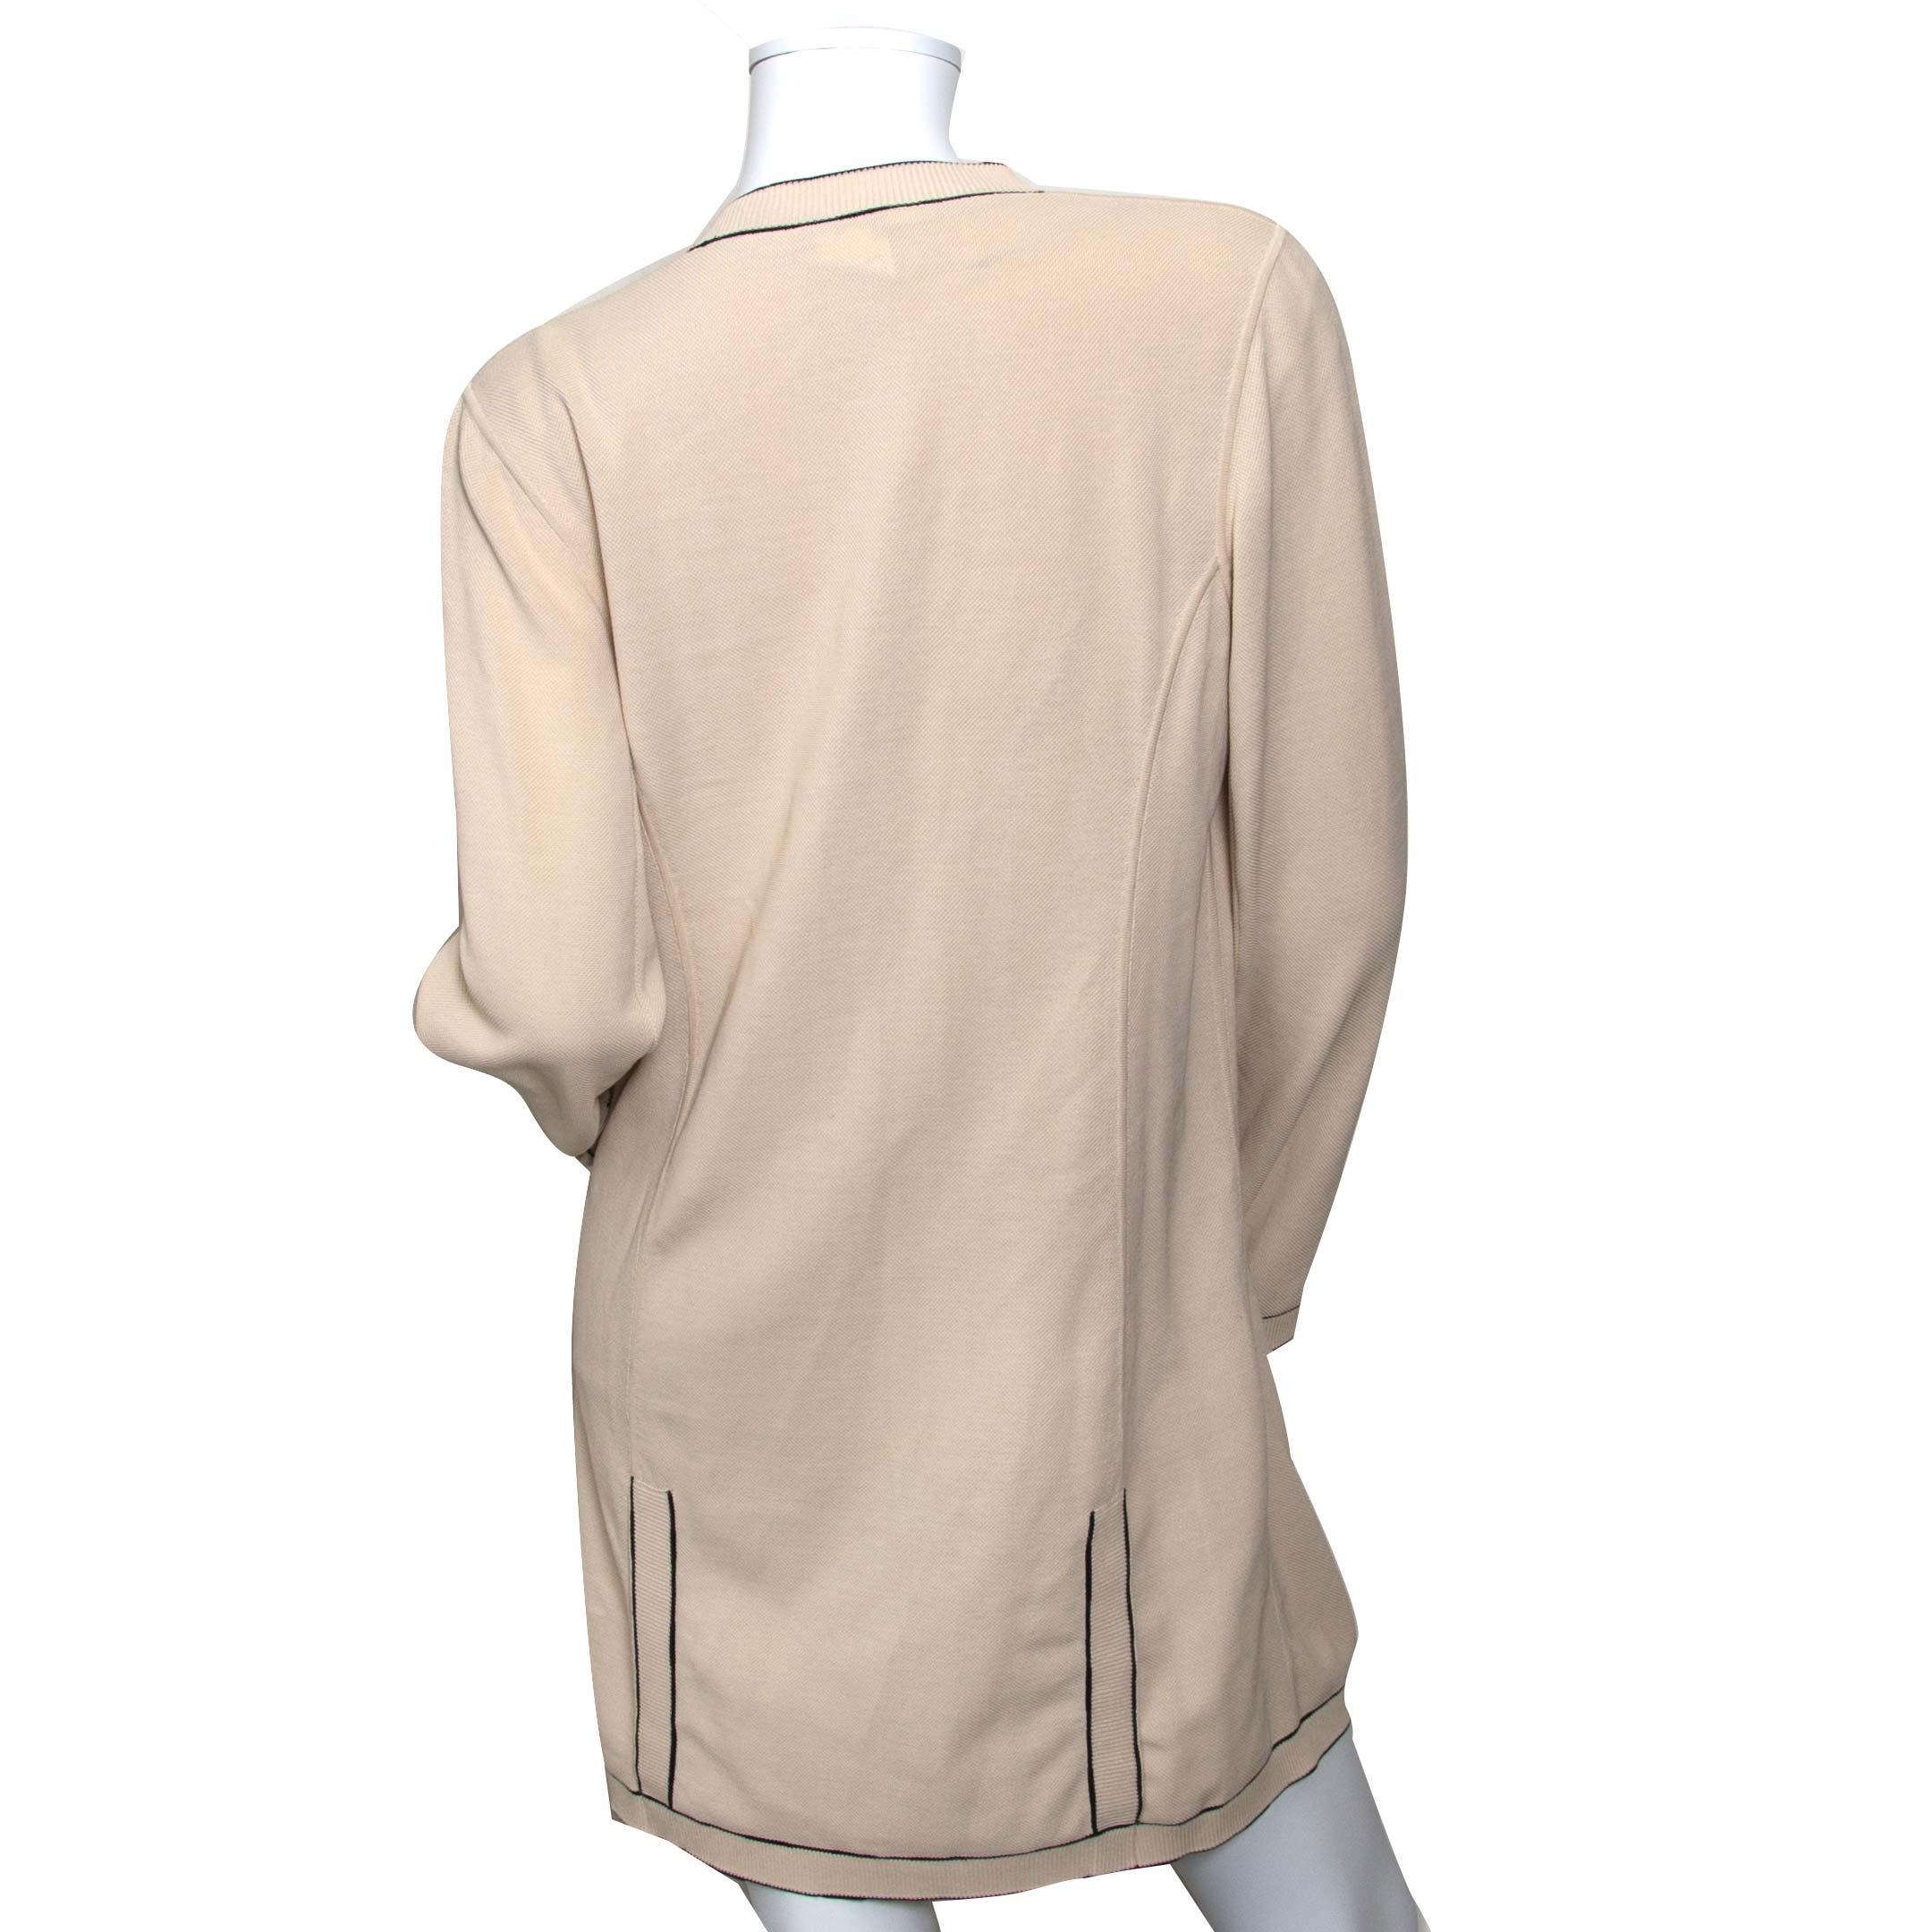 achetez Chanel Beige Knitted Vest - Size 44 chez labellov pour le meilleur prix